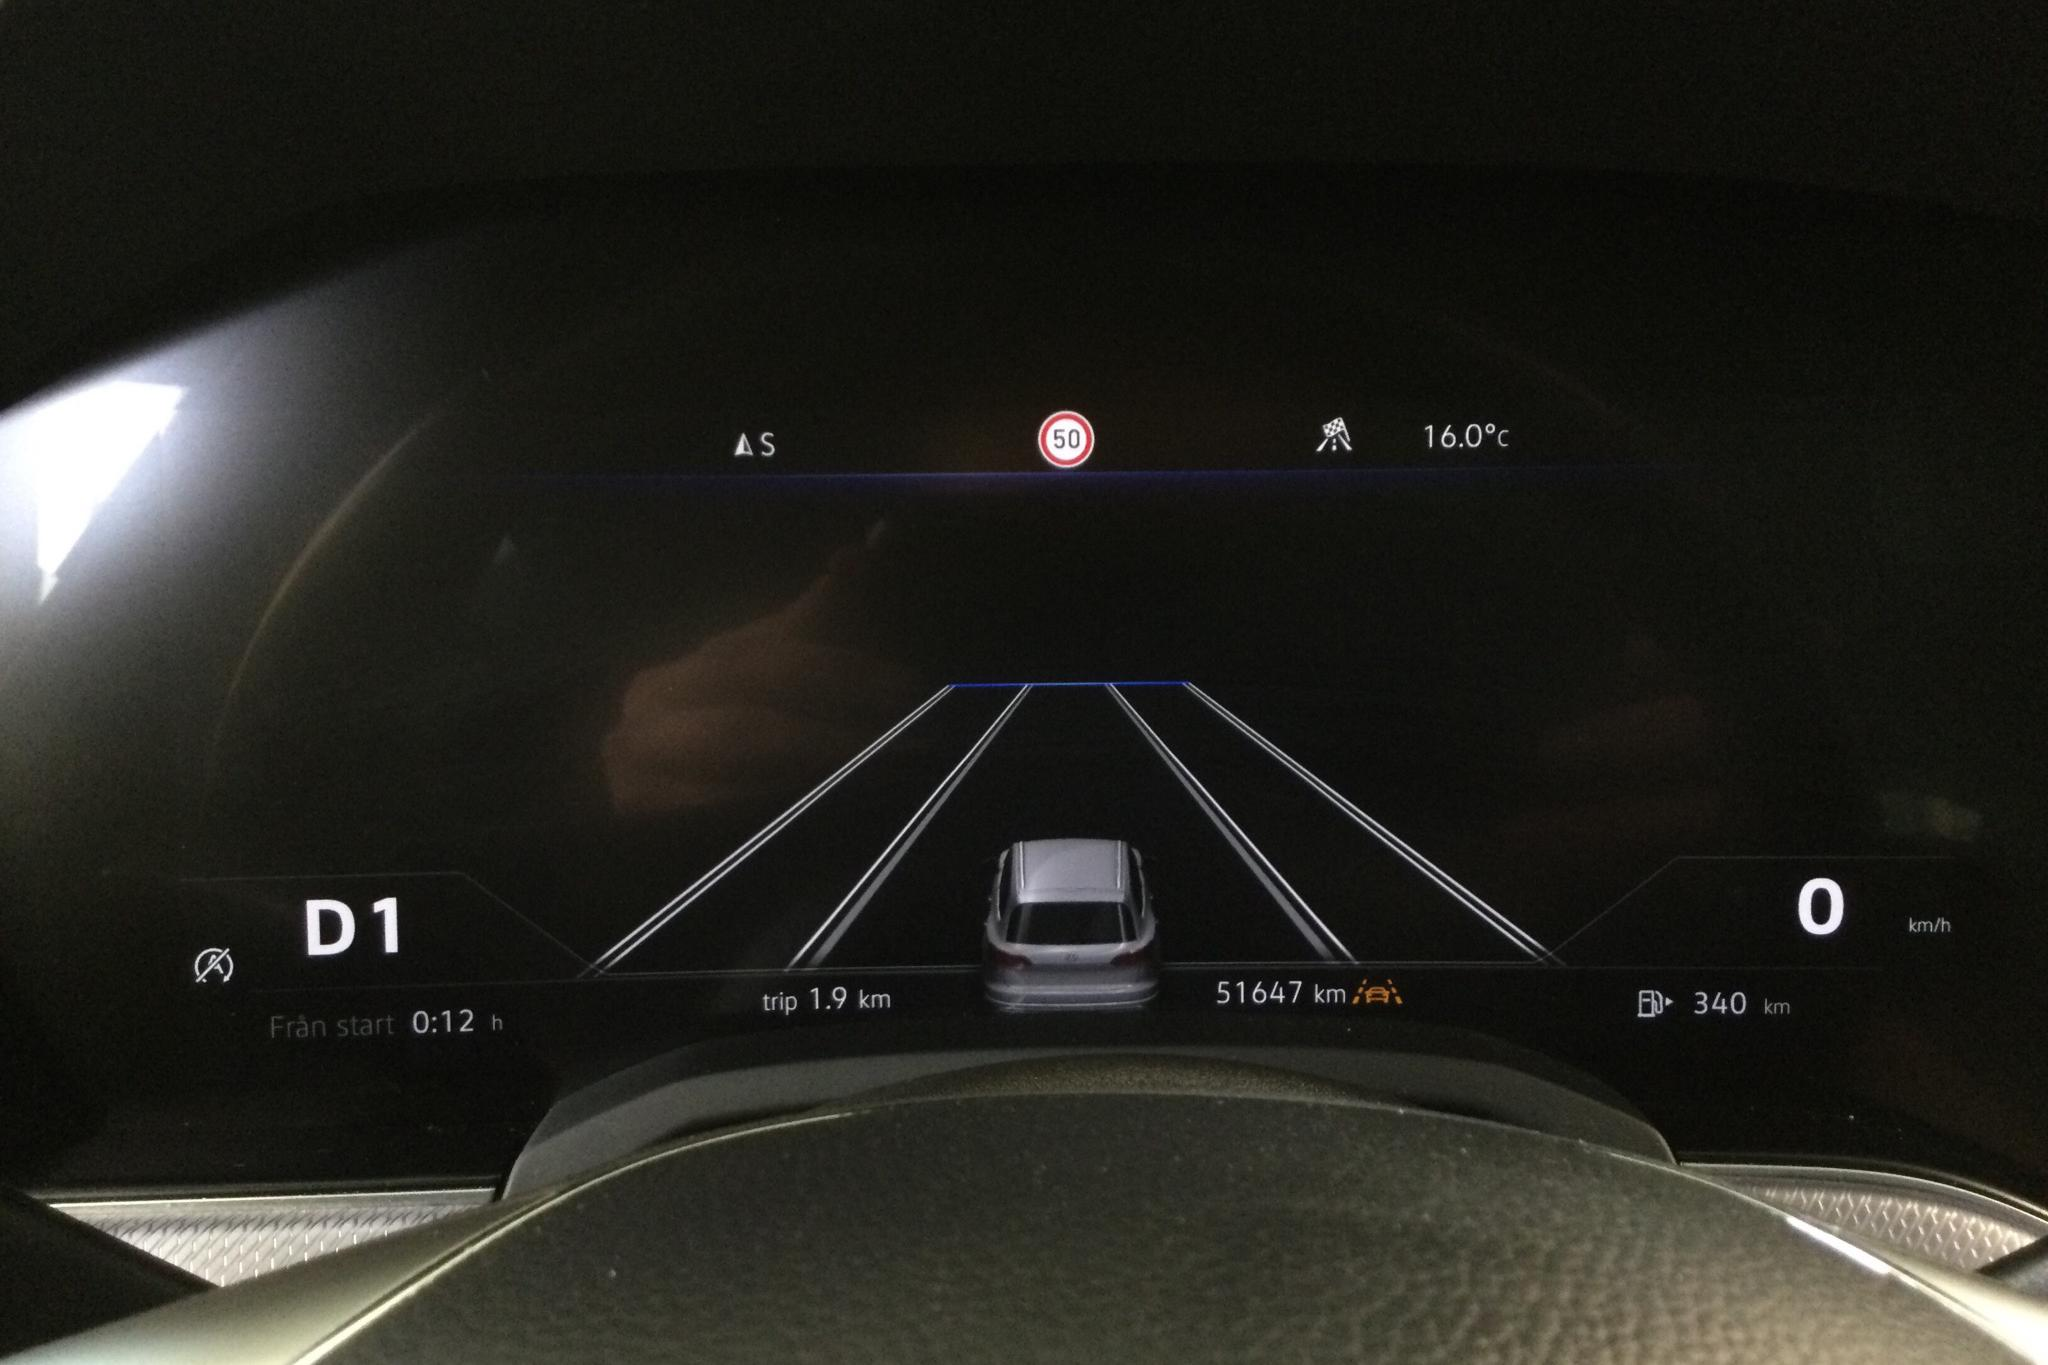 VW Touareg V6 TDI 4Motion (286hk) - 51 640 km - Automatic - black - 2018